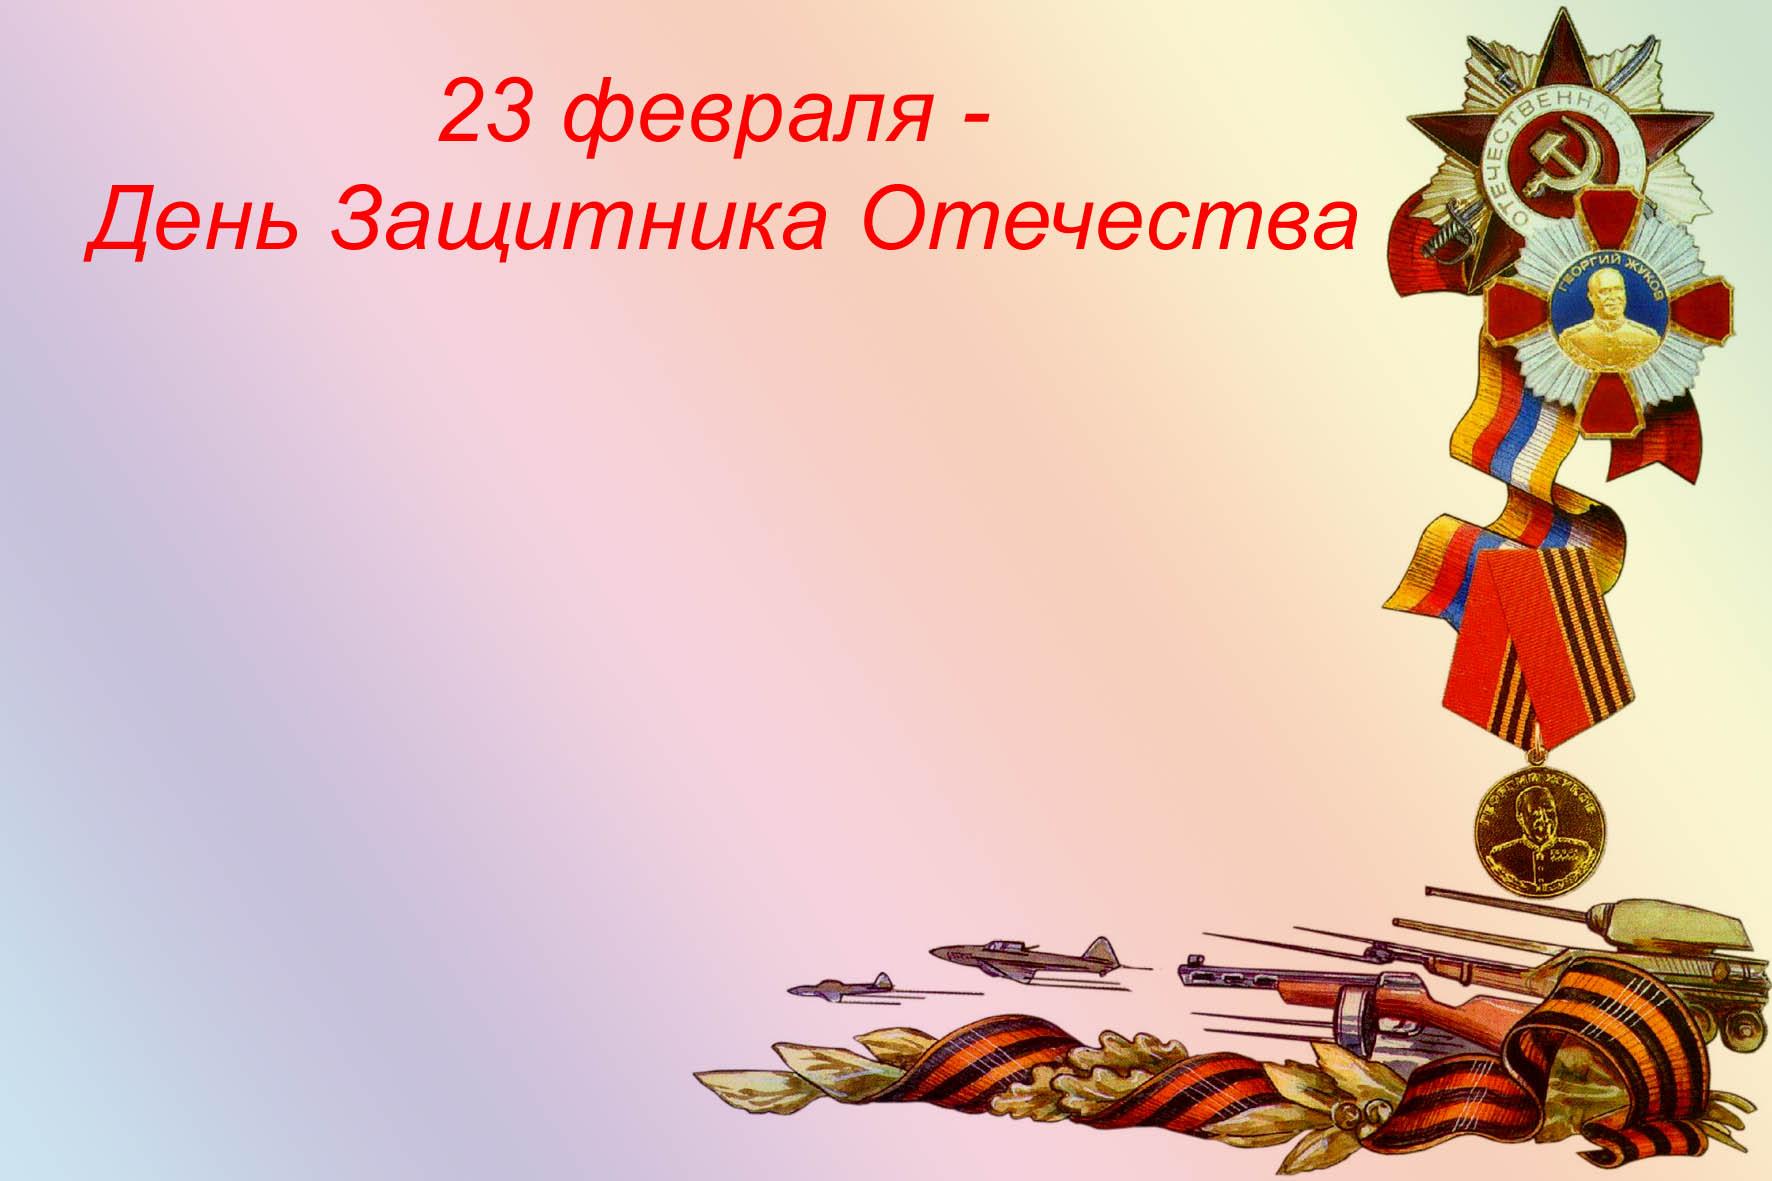 Открытки к дню армии своими руками - Поделки к 23 февраля своими руками для детей 6-10 лет